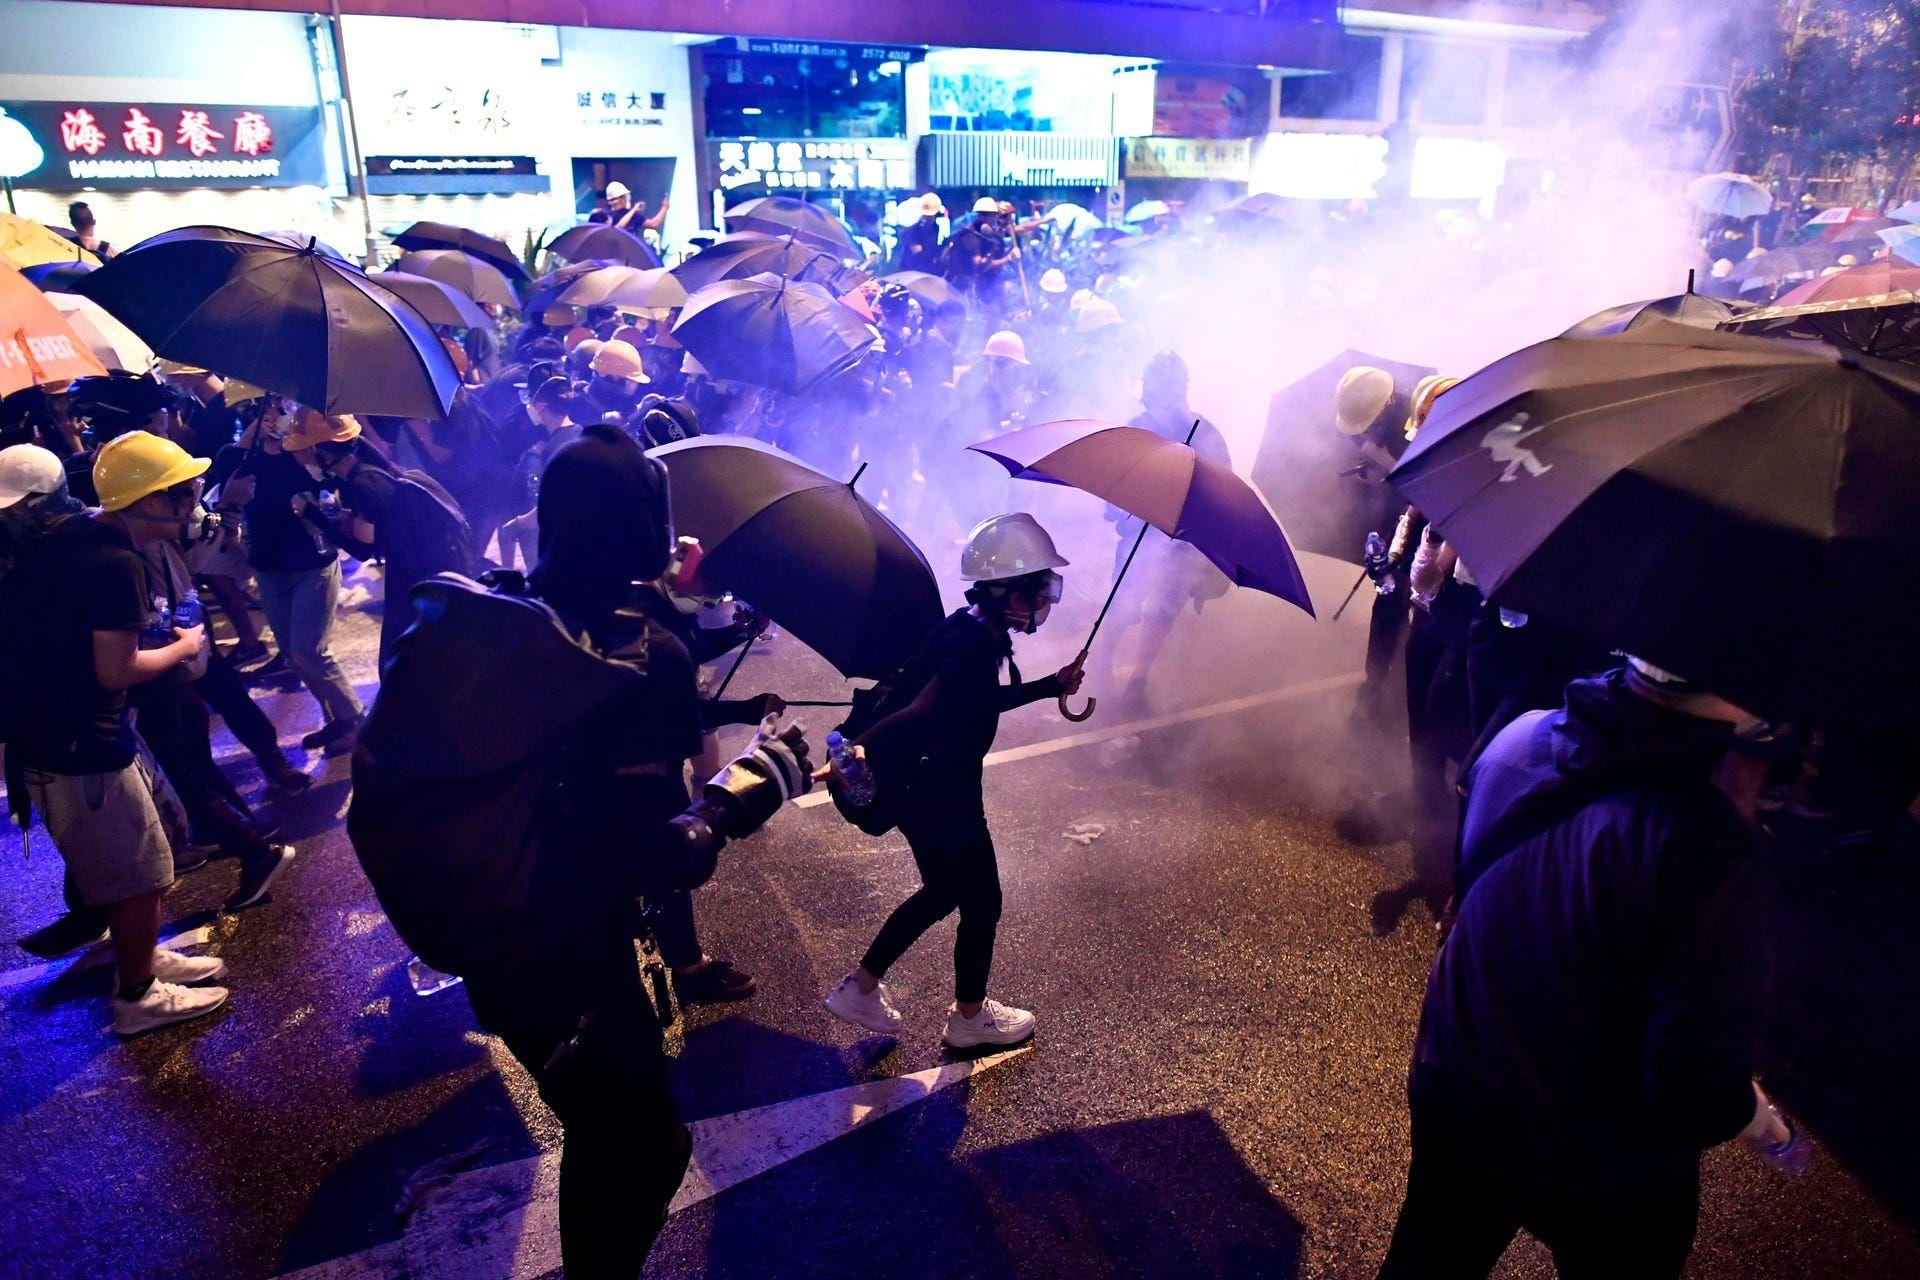 تظاهرات د ر هنگ کنگ به خشونت کشیده شد